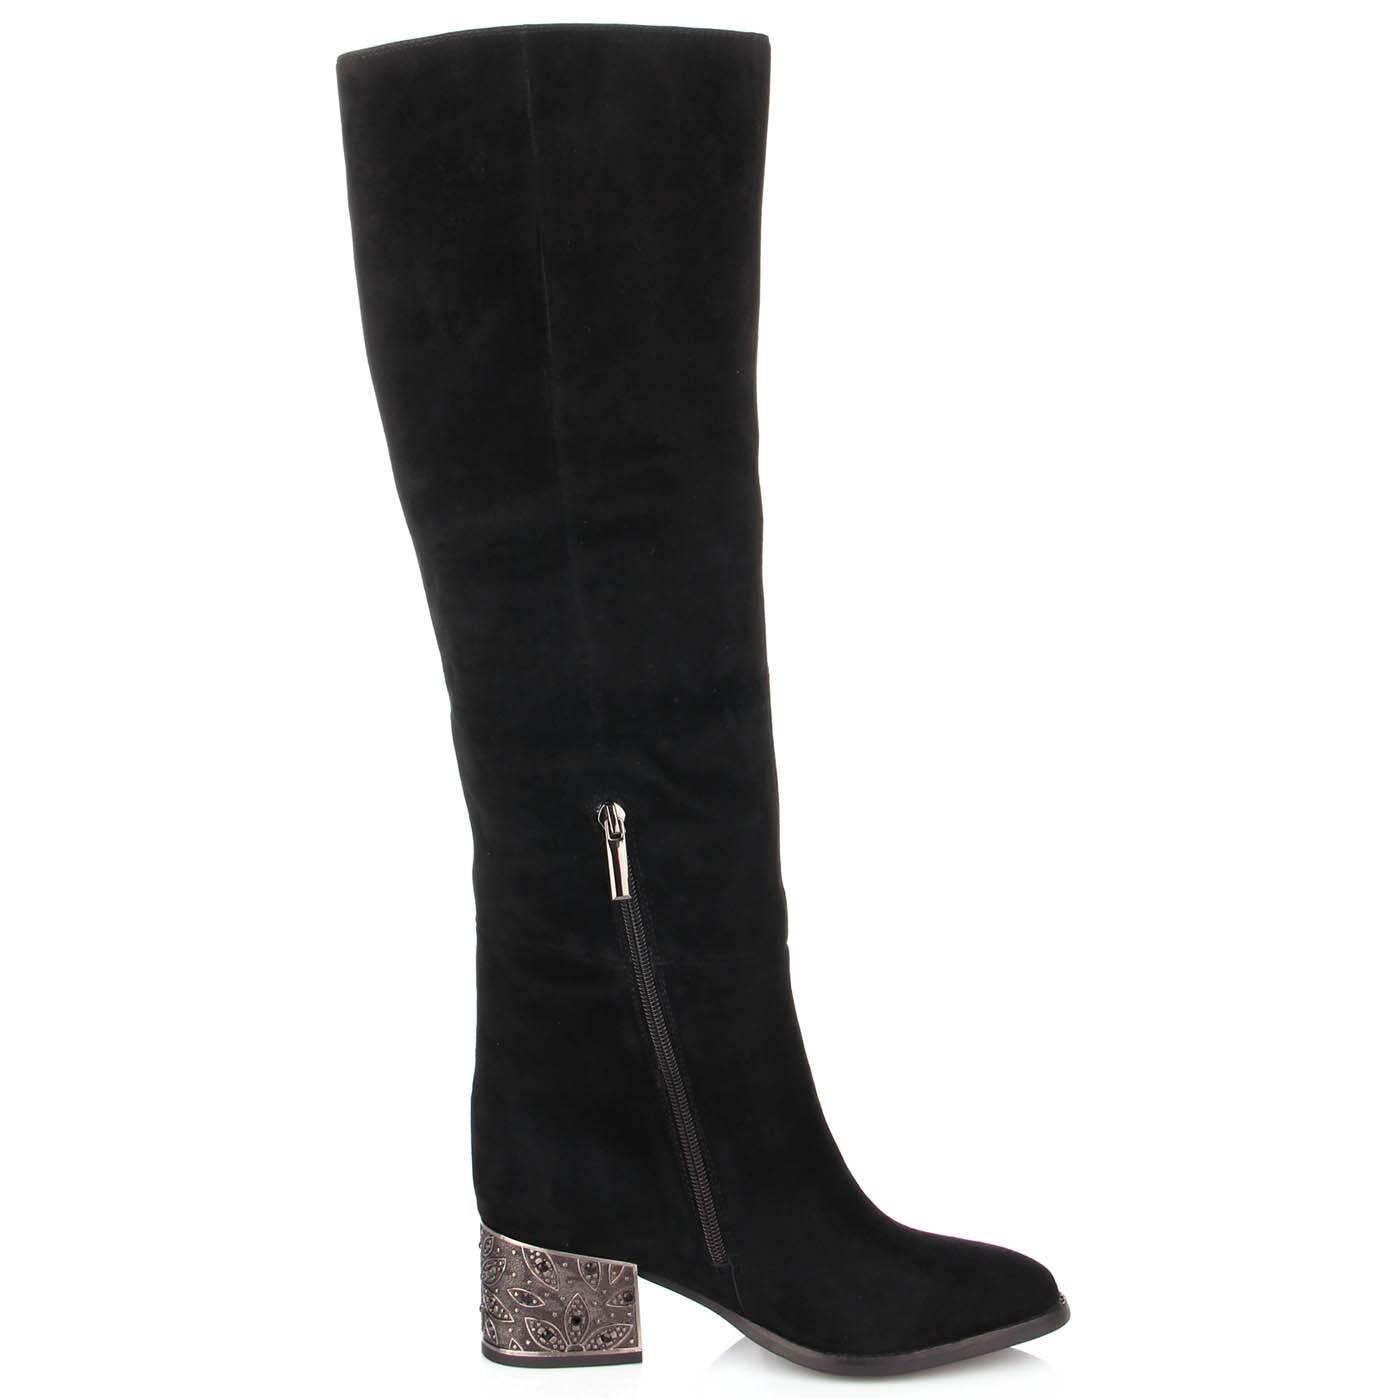 Чоботи жіночі ditto 6967 Чорний купить по выгодной цене в интернет ... 72fc6aef9d382